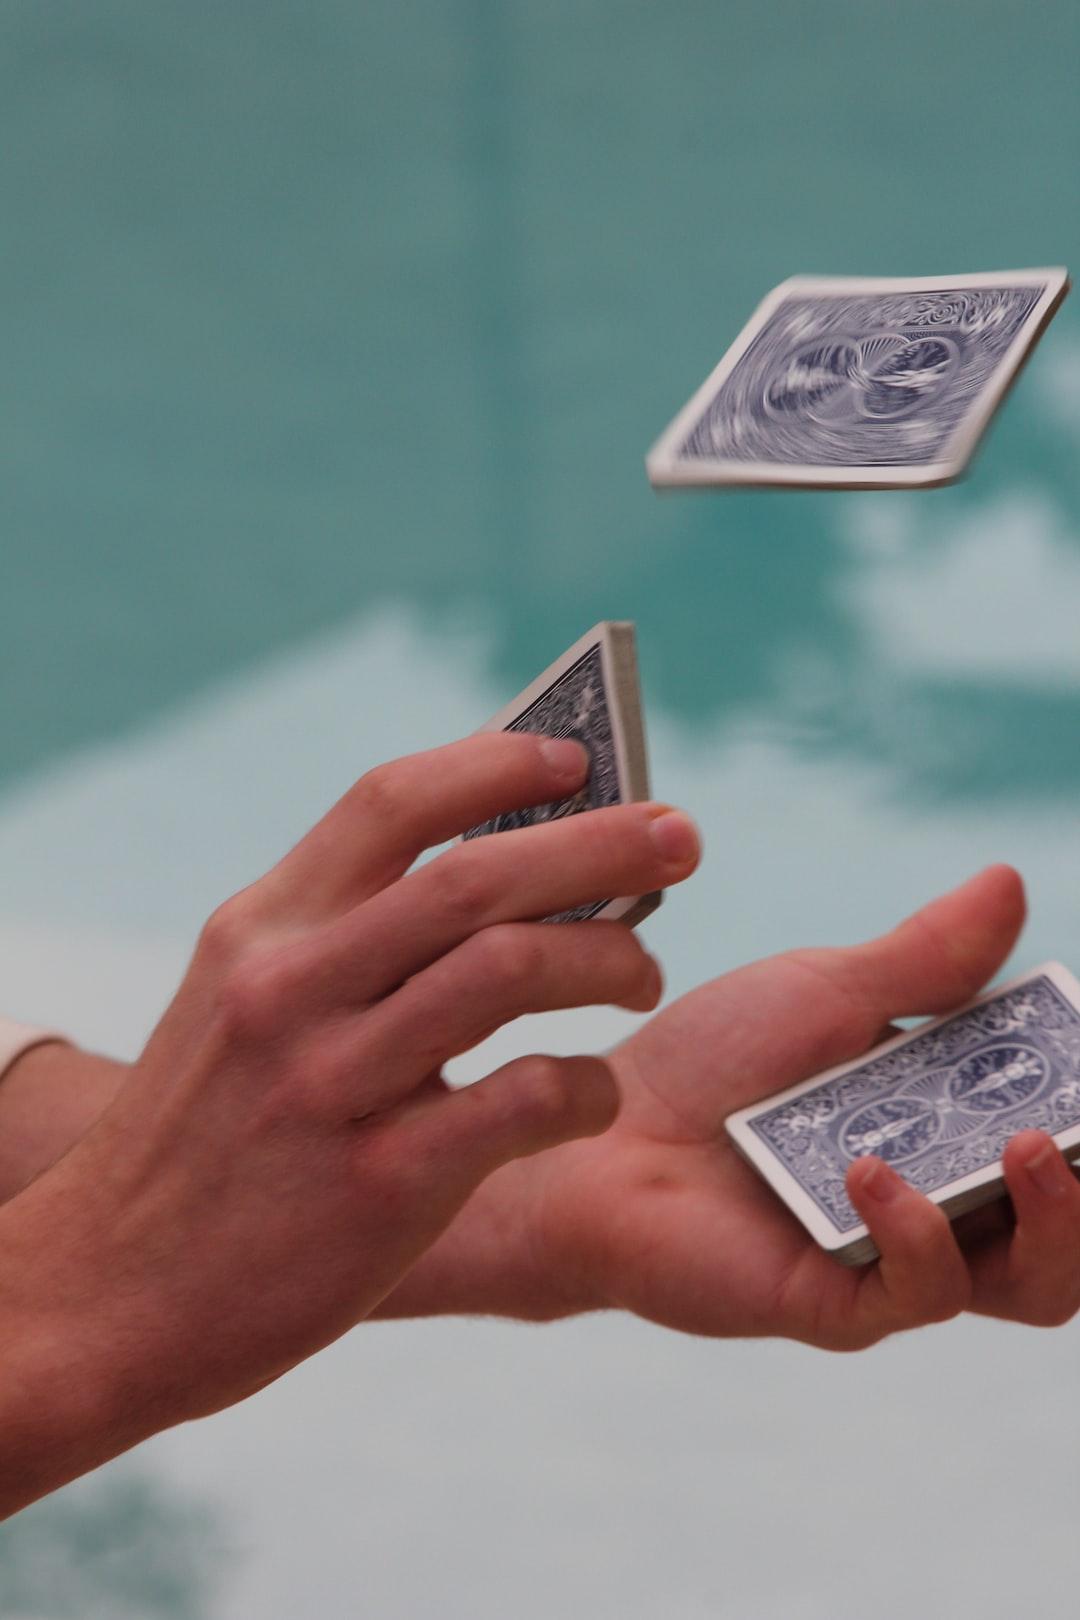 A boy shuffles a deck of cards.